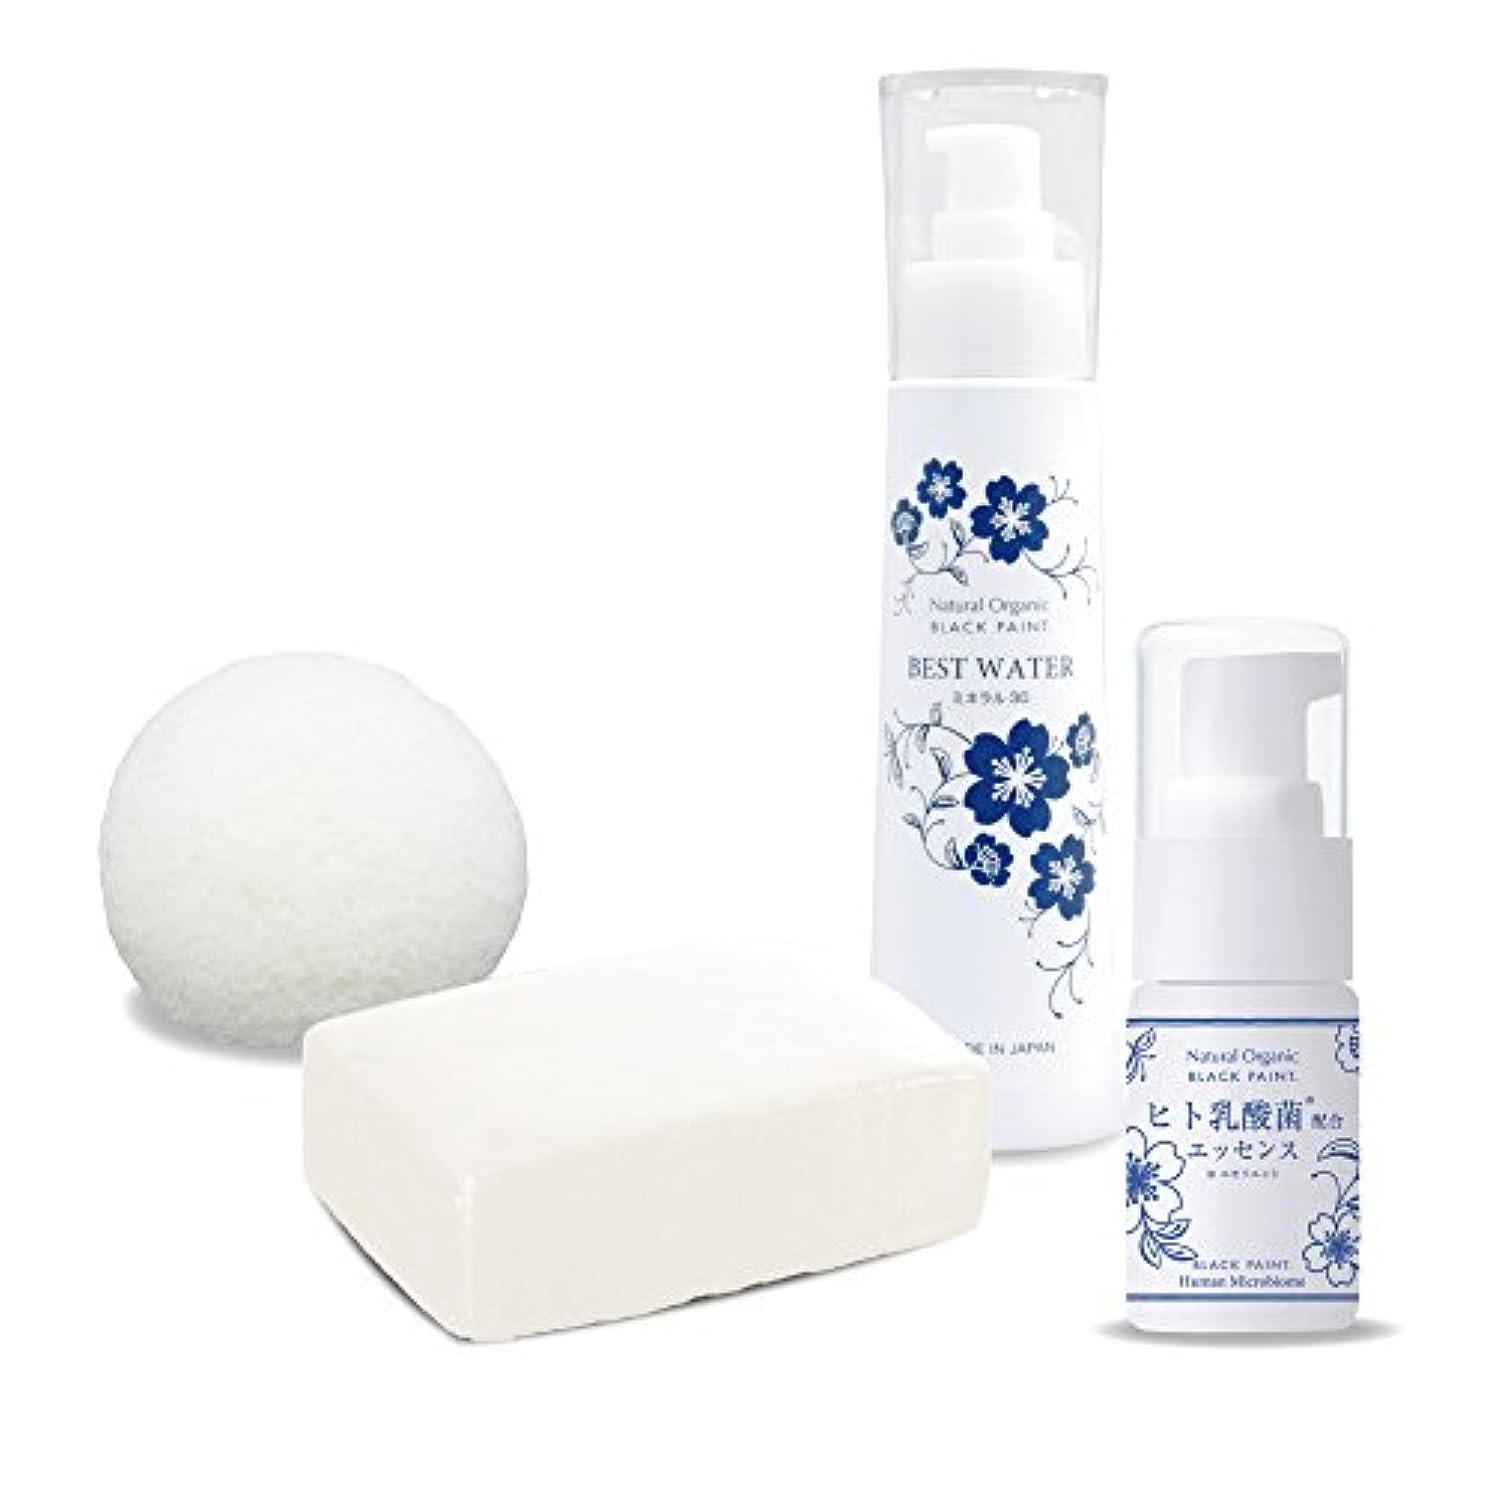 スクラップ日付層ヒト乳酸菌エッセンス10ml&ホワイトペイント60g&ホワイトスポンジミニ&ベストウォーター100ml 洗顔セット